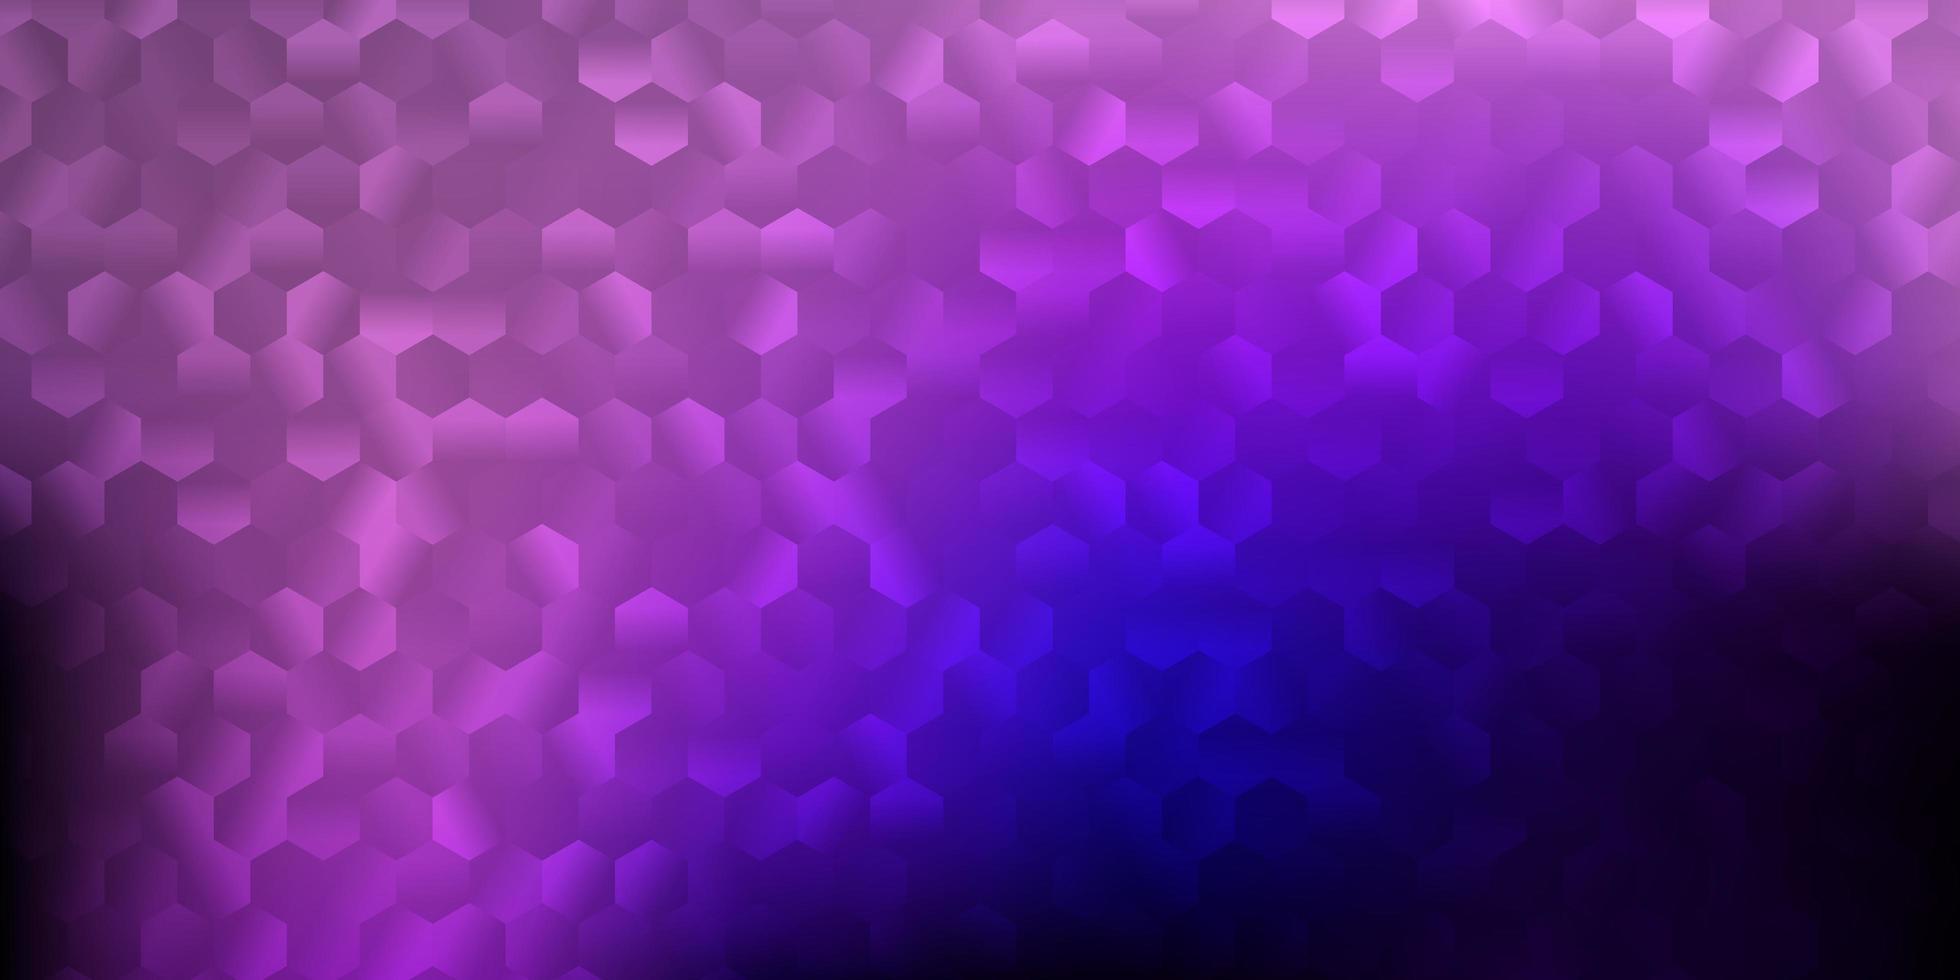 donkerpaars, roze vectortextuur met vormen van Memphis. vector